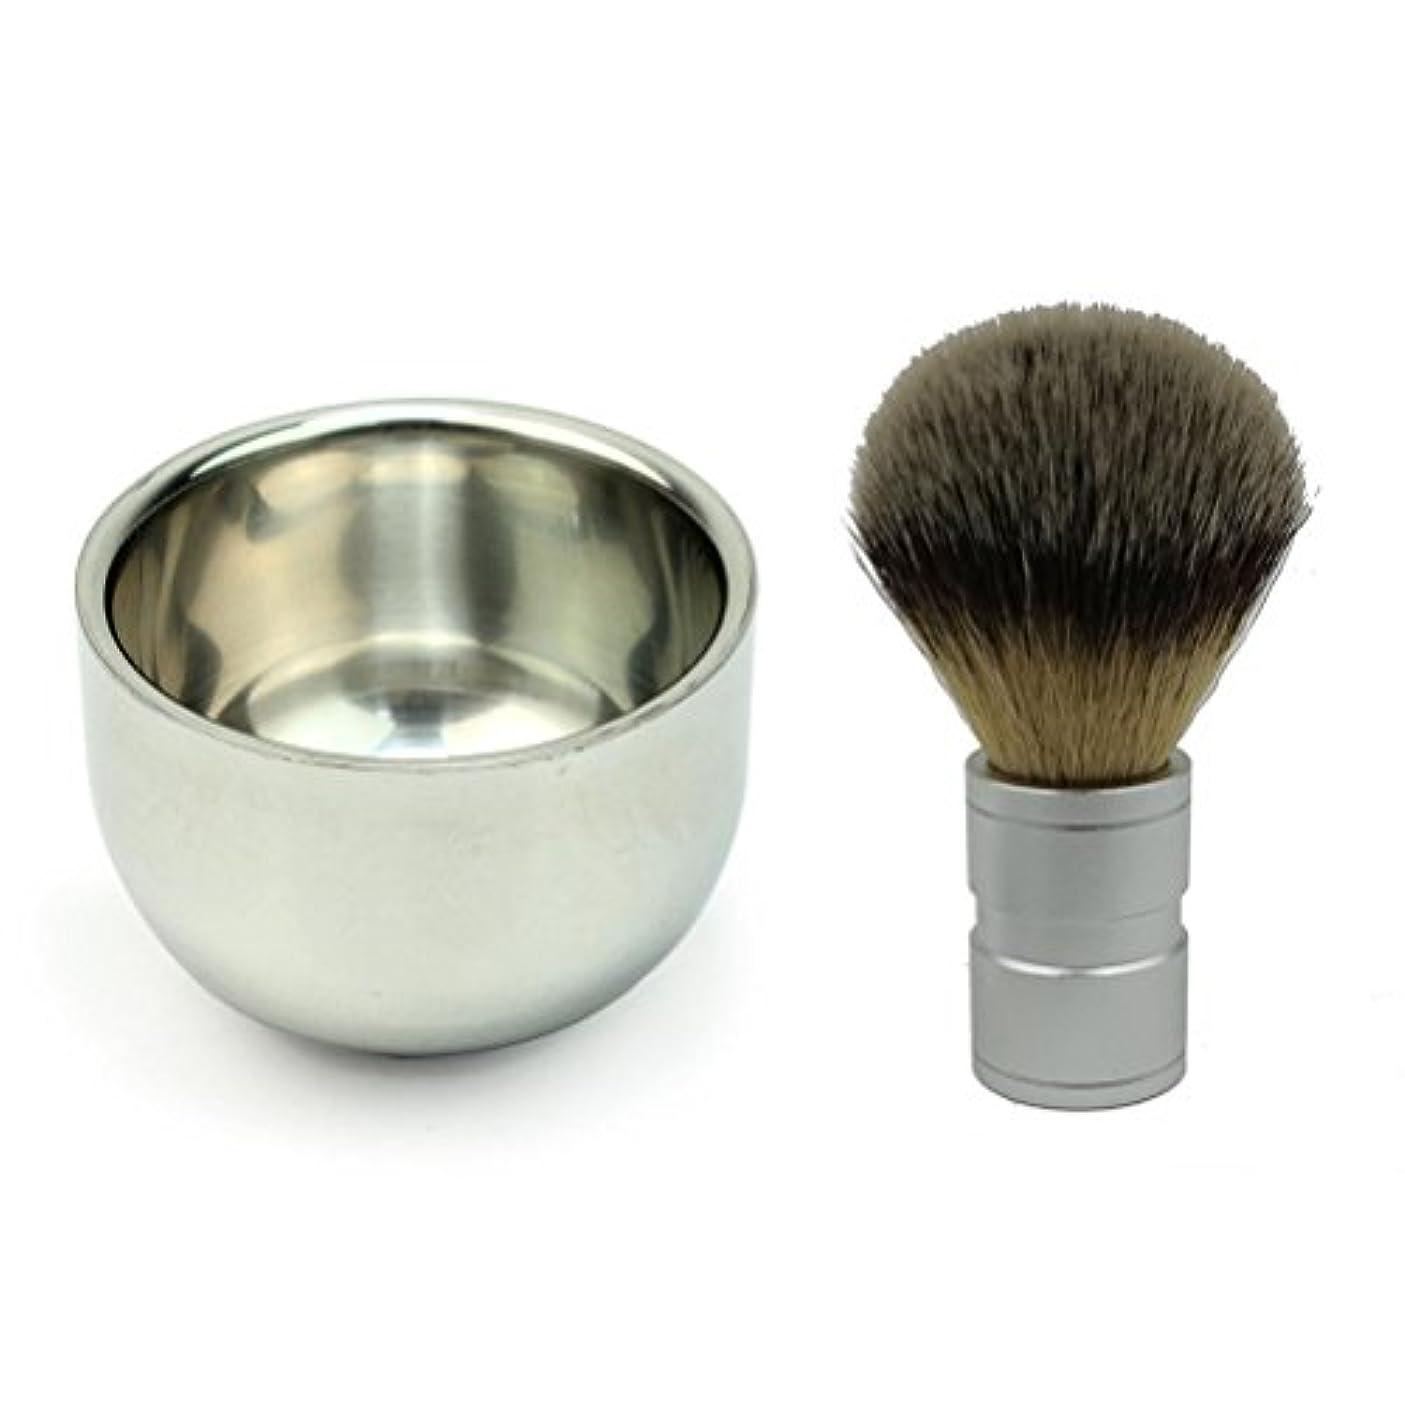 ウッズプットシステムROSENICE ステンレス鋼剃るボウル マグとアナグマ毛シェービング ブラシ